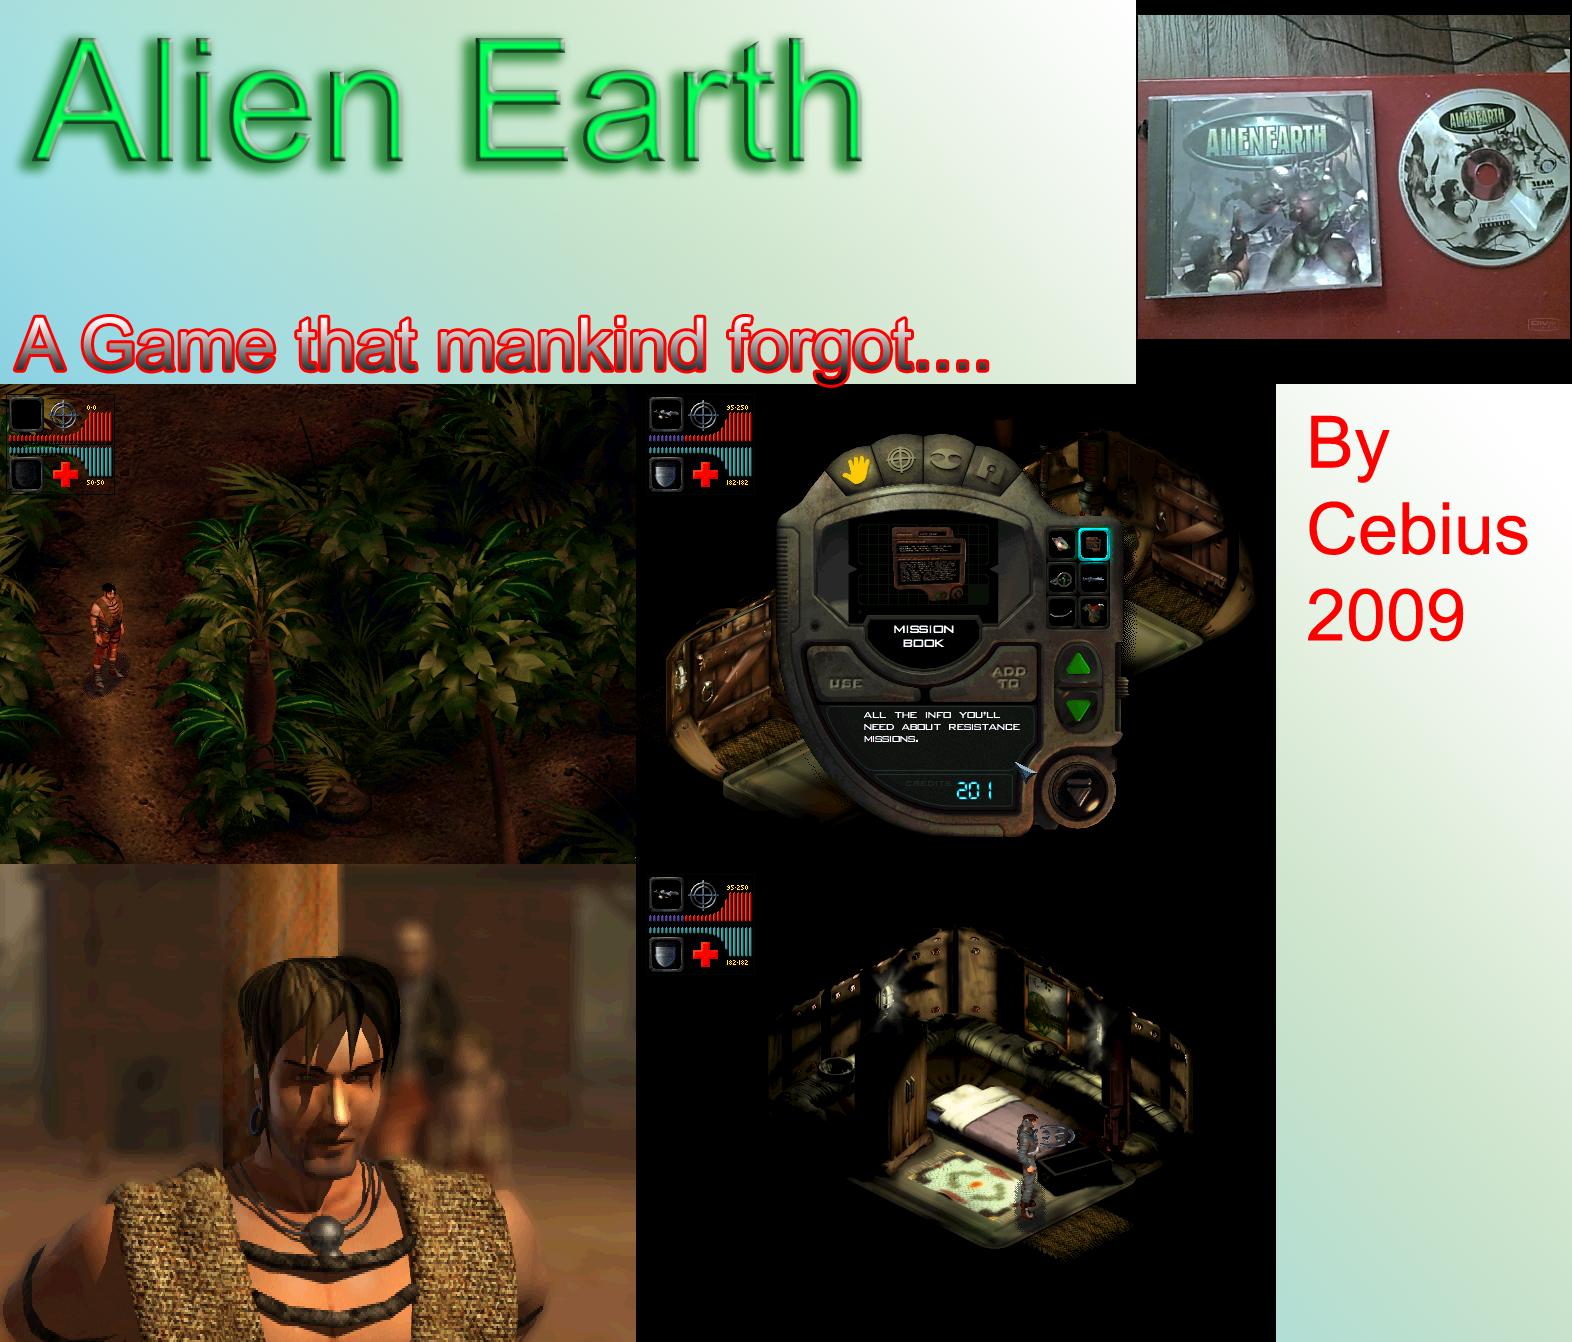 Alien Earth by Cebius